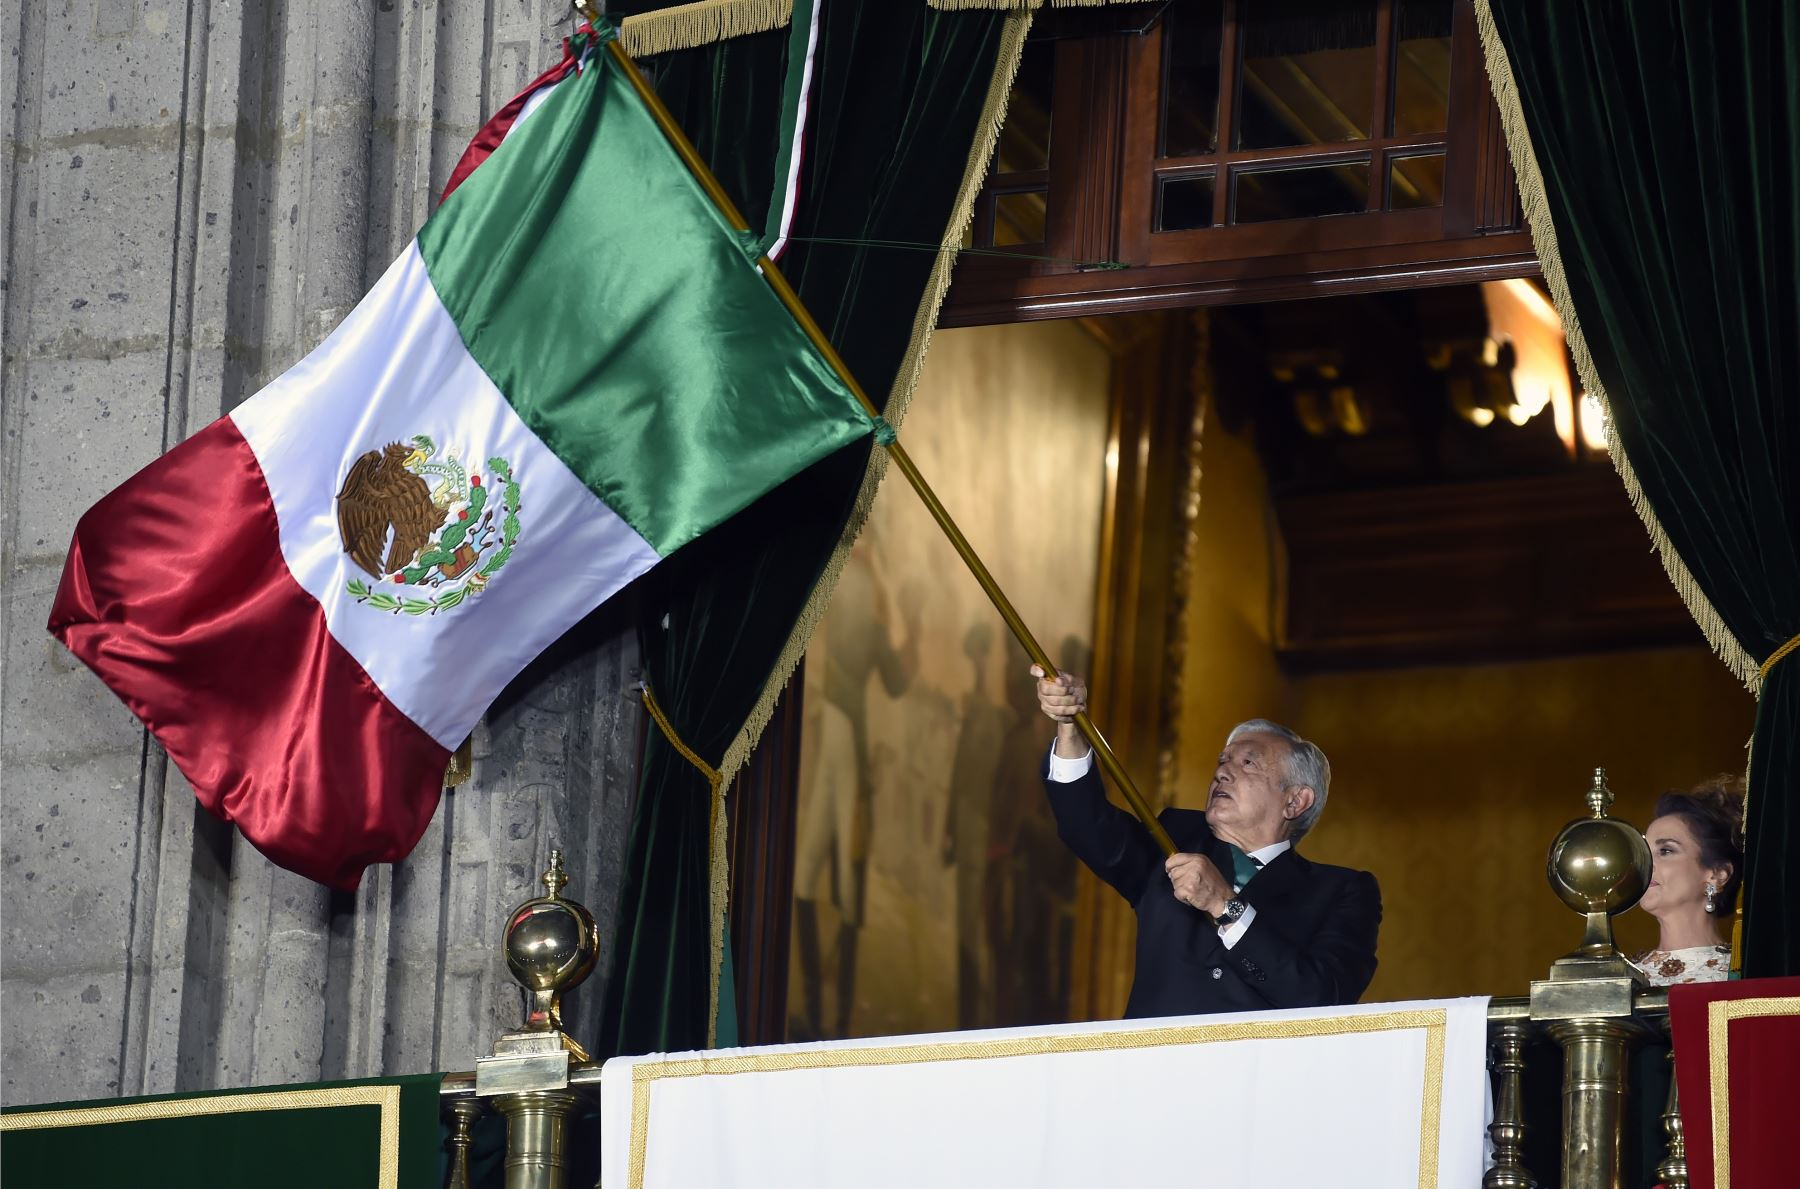 """El presidente de México, Andrés Manuel López Obrador, ondea una bandera mexicana, flanqueada por su esposa Beatriz Gutiérrez, en el balcón principal del Palacio Nacional durante la ceremonia """"El Grito"""" (El Grito) que marca el inicio de las celebraciones del Día de la Independencia en la Ciudad de México. Foto: AFP"""